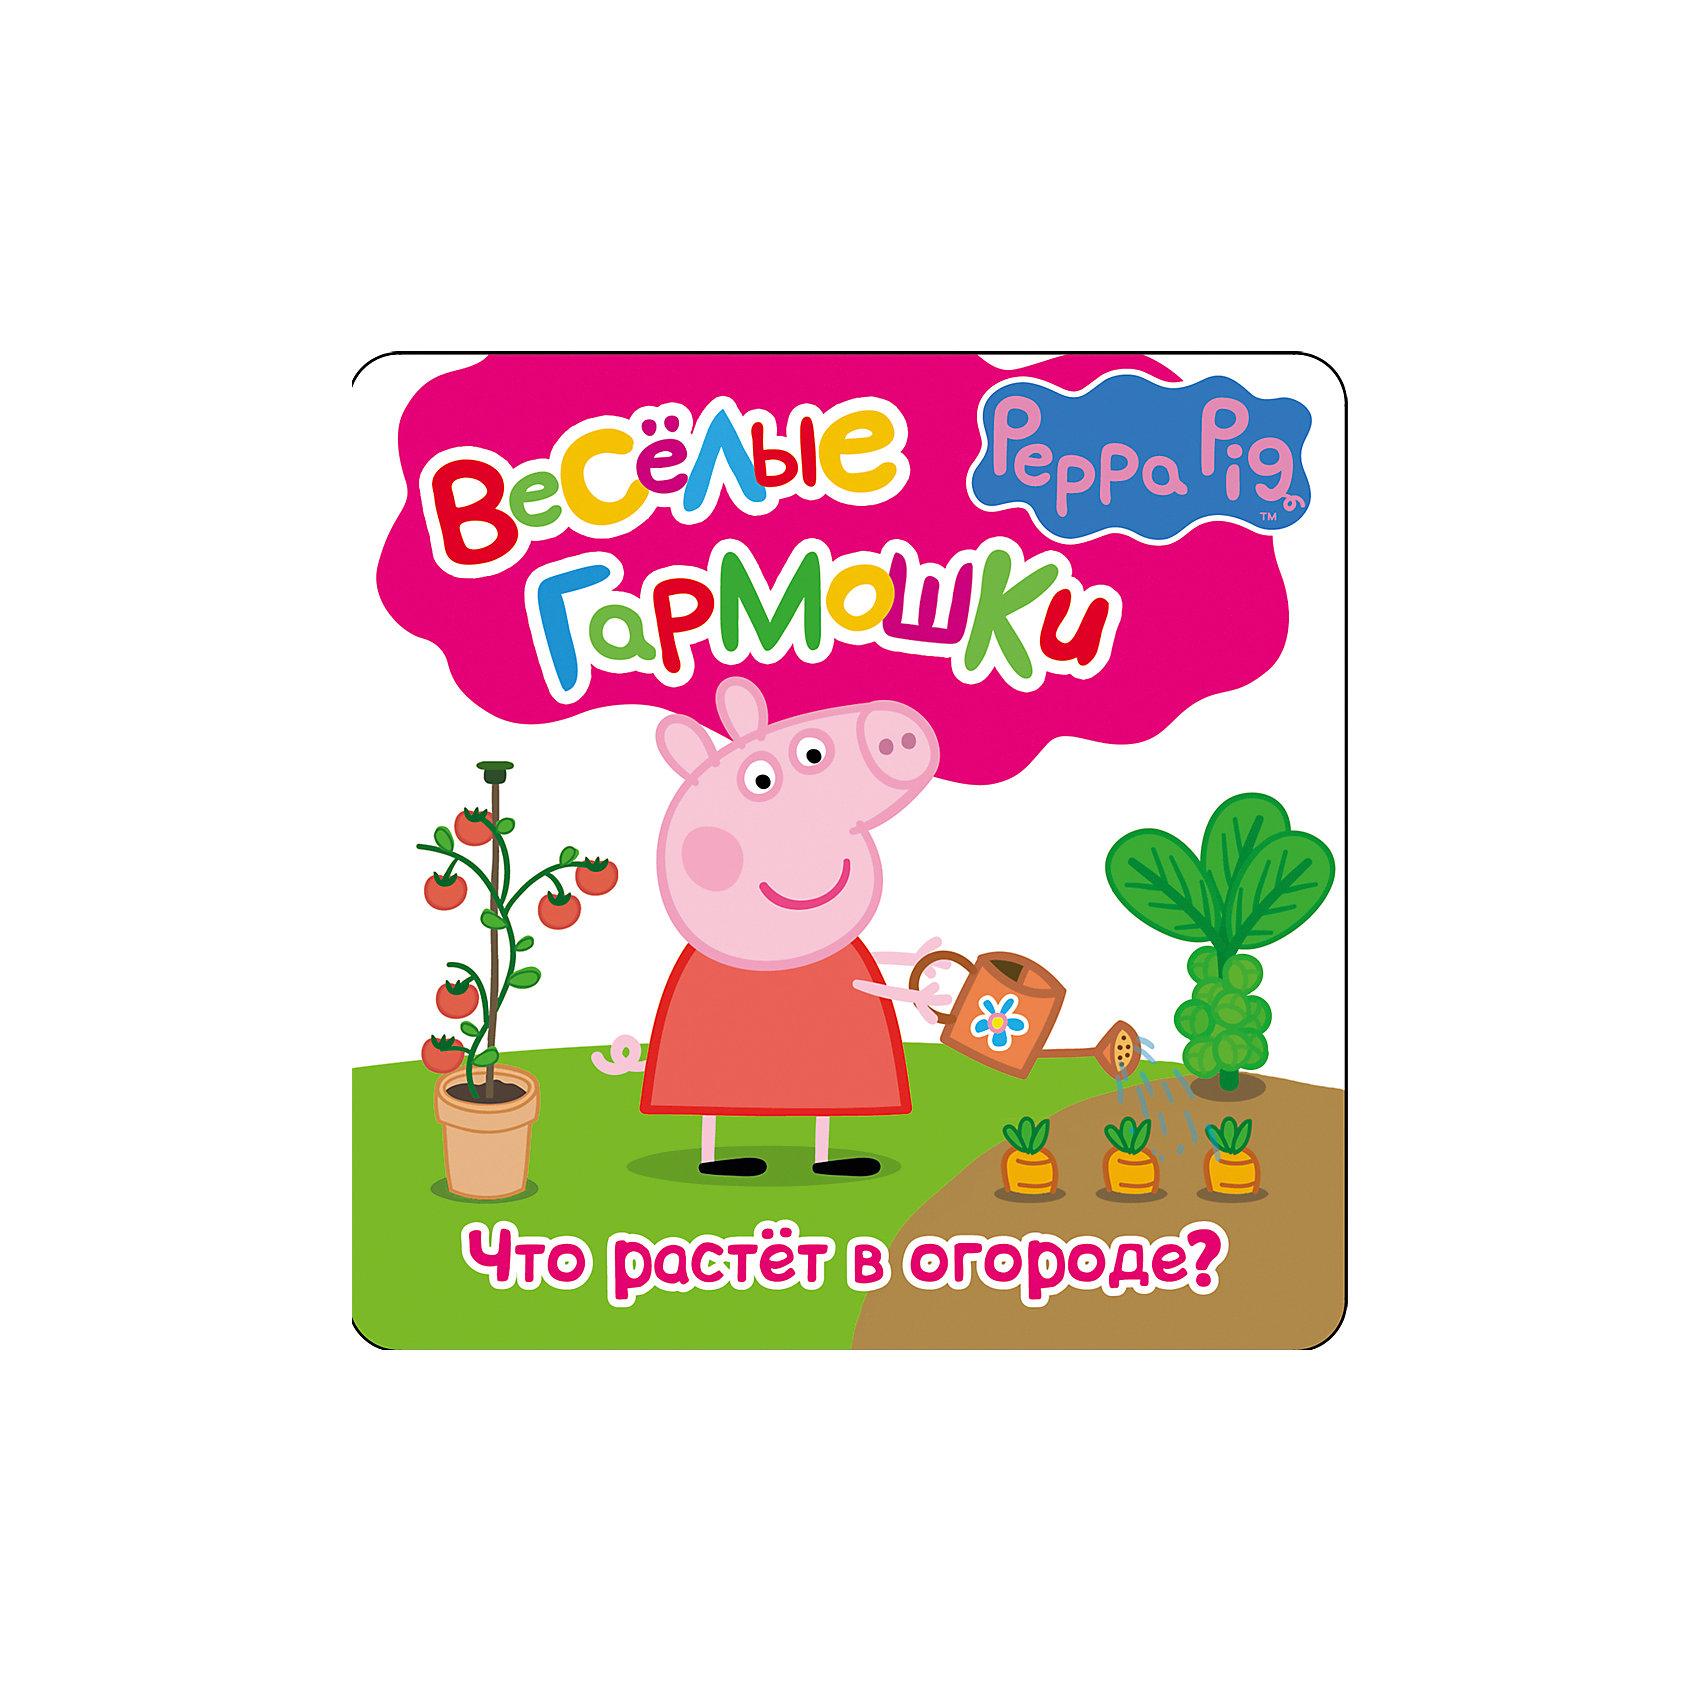 Развивающая книжка Что растёт в огороде, Свинка ПеппаРазвивающая книжка Что растёт в огороде, Свинка Пеппа – это красочно иллюстрированная картонная книжка-игрушка.<br>Развивающие книжки серии «Веселые гармошки» - это книжки-раскладушки с историями про забавную свинку Пеппу и ее друзей. Книжки представляют собой двустороннюю раскладывающуюся конструкцию на плотном картоне. Предназначены не только для чтения взрослыми детям, но и для игры. Благодаря компактному размеру книжку удобно брать с собой на прогулку или в путешествие.<br><br>Дополнительная информация:<br><br>- Редактор: Смилевска Л.<br>- Издательство: Росмэн<br>- Серия: Веселые гармошки<br>- Тип обложки: картон<br>- Иллюстрации: цветные<br>- Количество страниц: 12 (картон)<br>- Размер: 135 х 135 x 10 мм.<br>- Вес: 87 гр.<br><br>Развивающую книжку Что растёт в огороде, Свинка Пеппа можно купить в нашем интернет-магазине.<br><br>Ширина мм: 135<br>Глубина мм: 135<br>Высота мм: 10<br>Вес г: 87<br>Возраст от месяцев: 12<br>Возраст до месяцев: 60<br>Пол: Унисекс<br>Возраст: Детский<br>SKU: 4602291